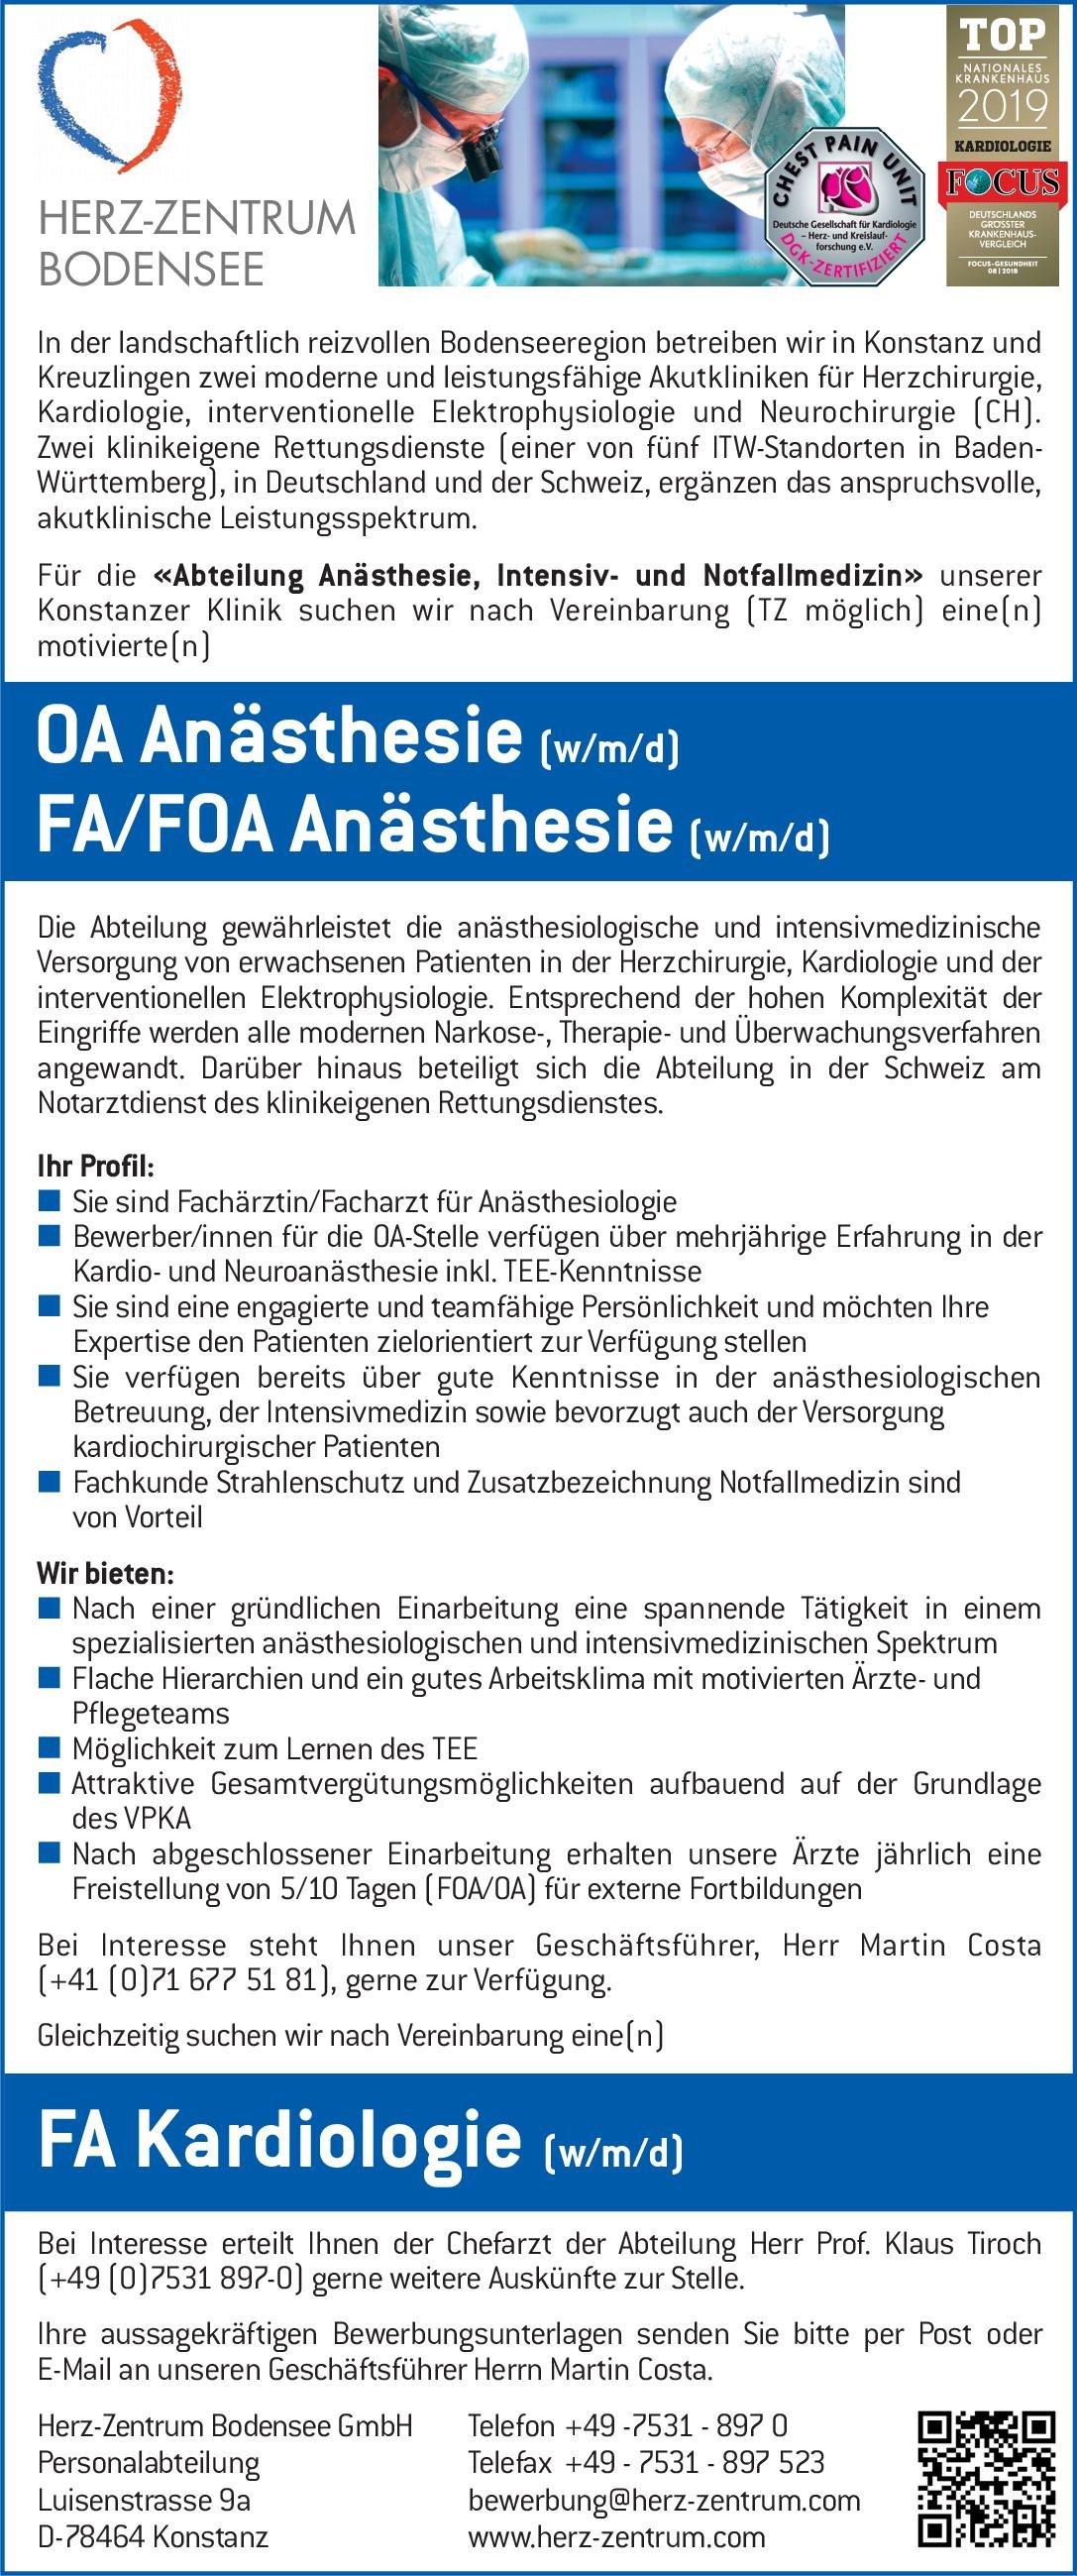 Herz-Zentrum Bodensee GmbH FA Kardiologie (w/m/d)  Innere Medizin und Kardiologie, Innere Medizin Arzt / Facharzt